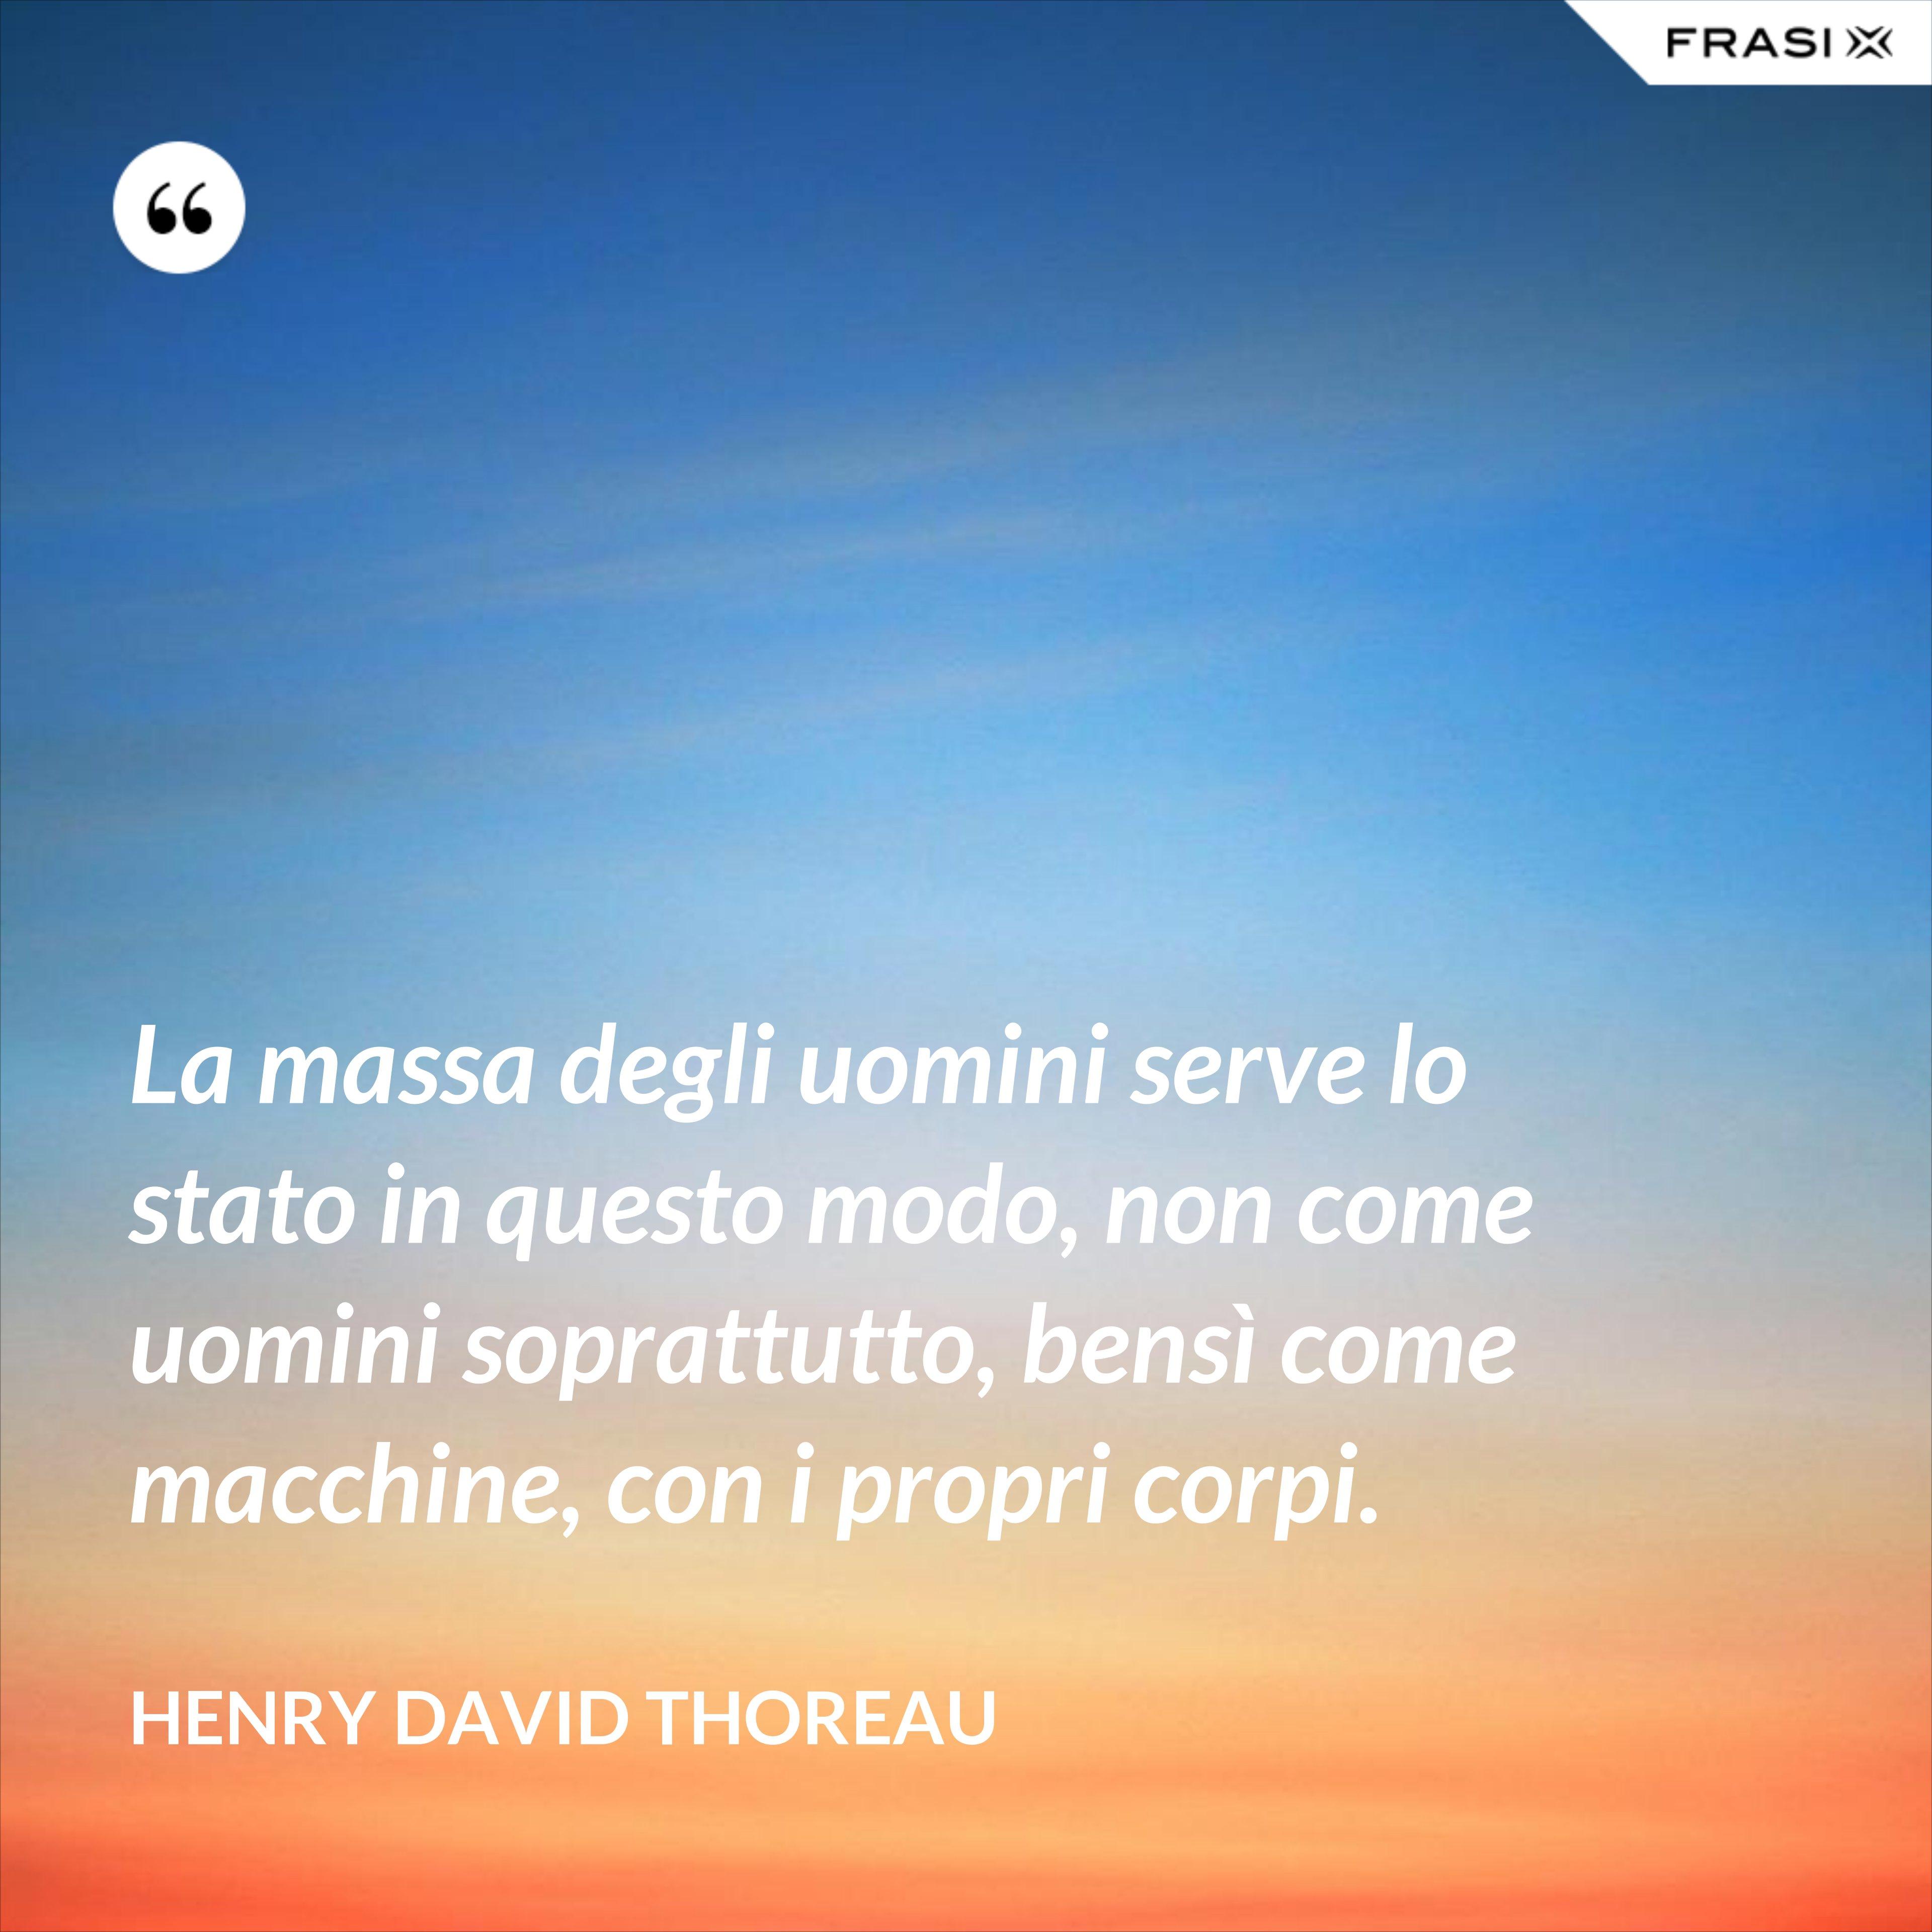 La massa degli uomini serve lo stato in questo modo, non come uomini soprattutto, bensì come macchine, con i propri corpi. - Henry David Thoreau